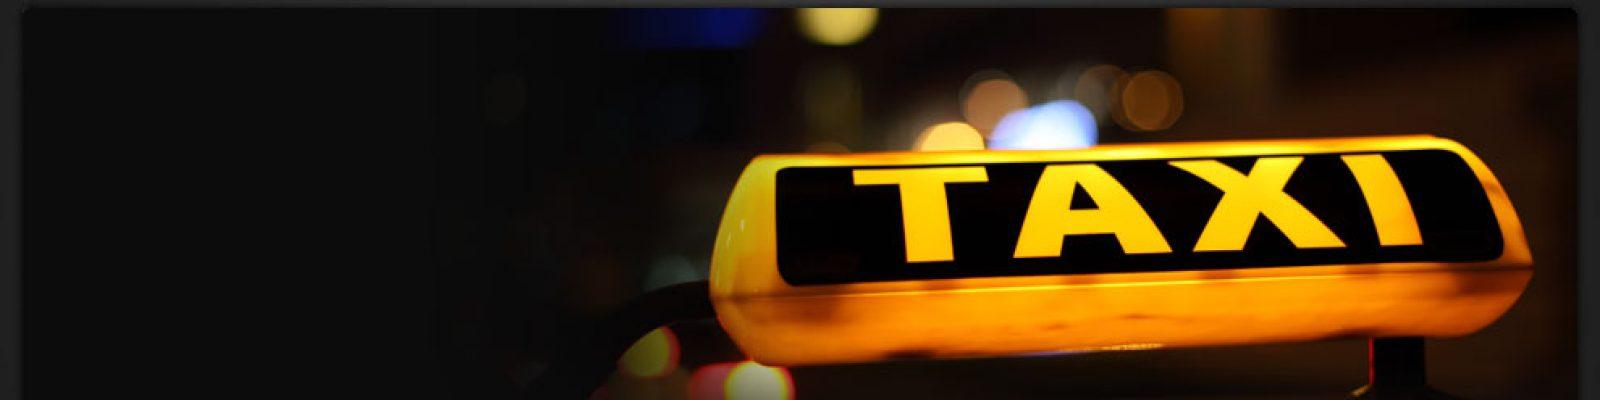 Teaneck taxi header